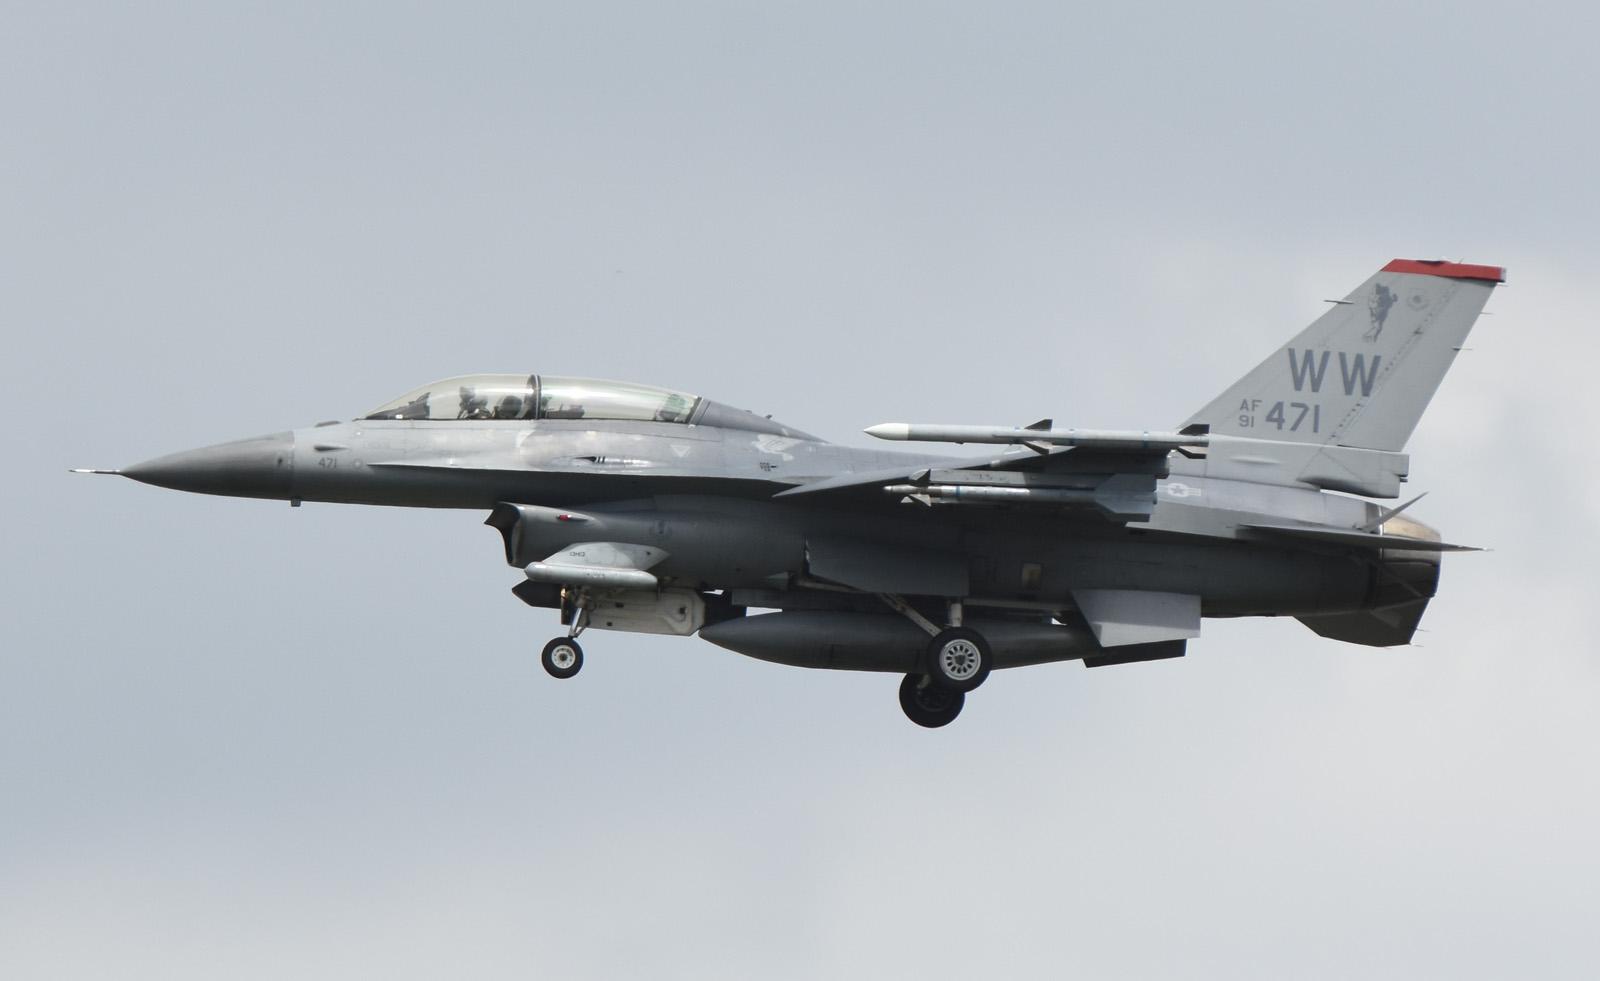 F16dm160801g271